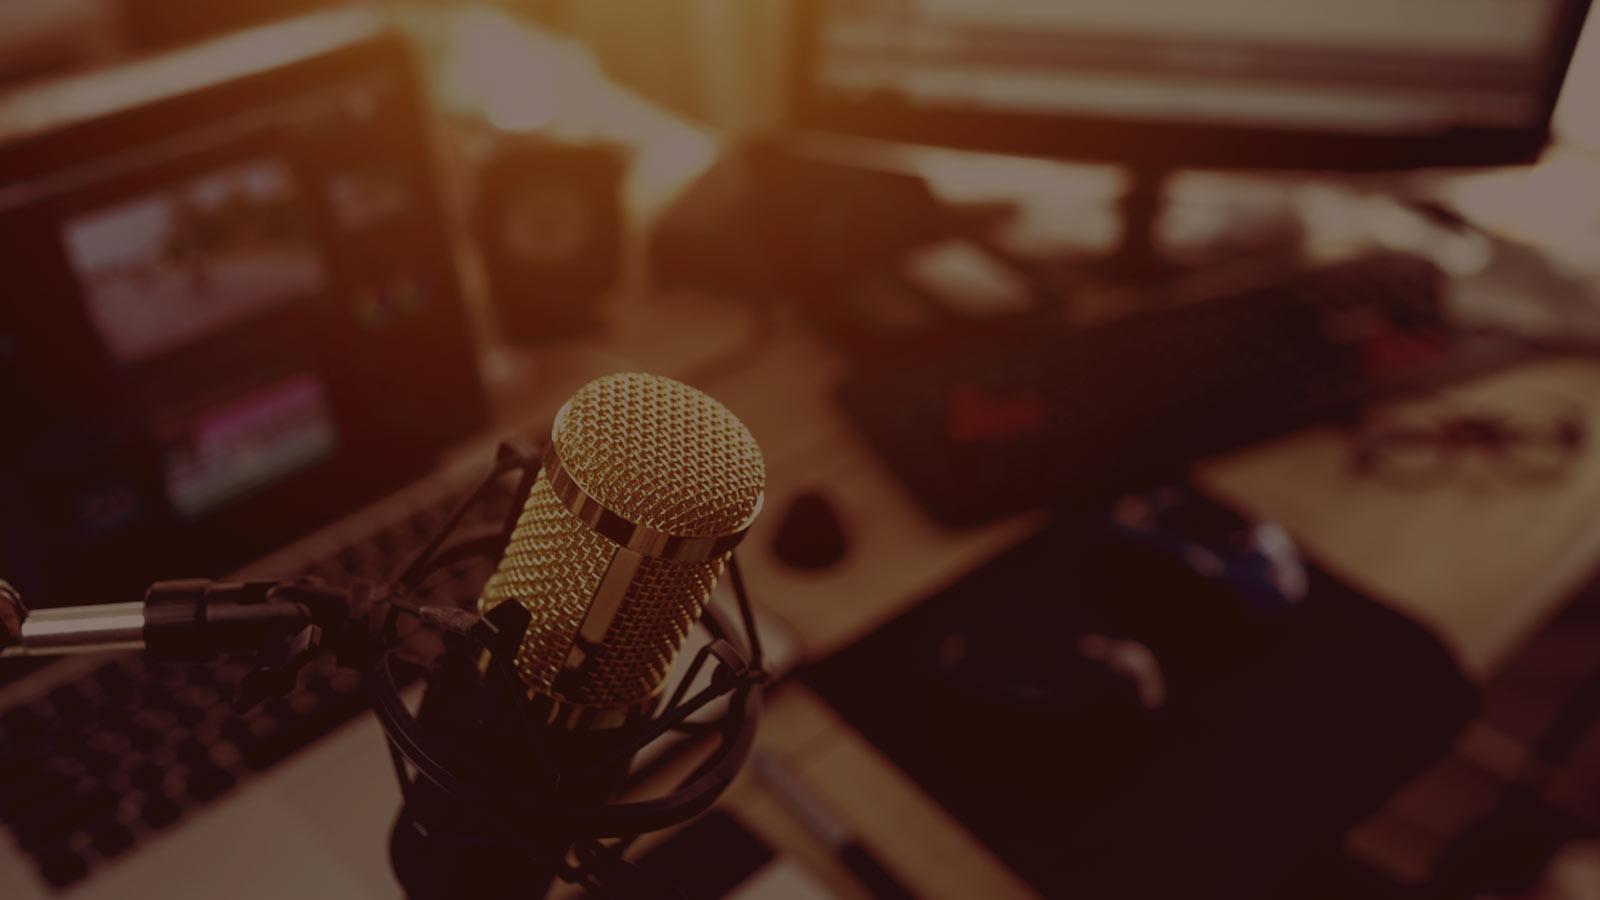 Saiba agora como fazer transmissão de vídeos ao vivo